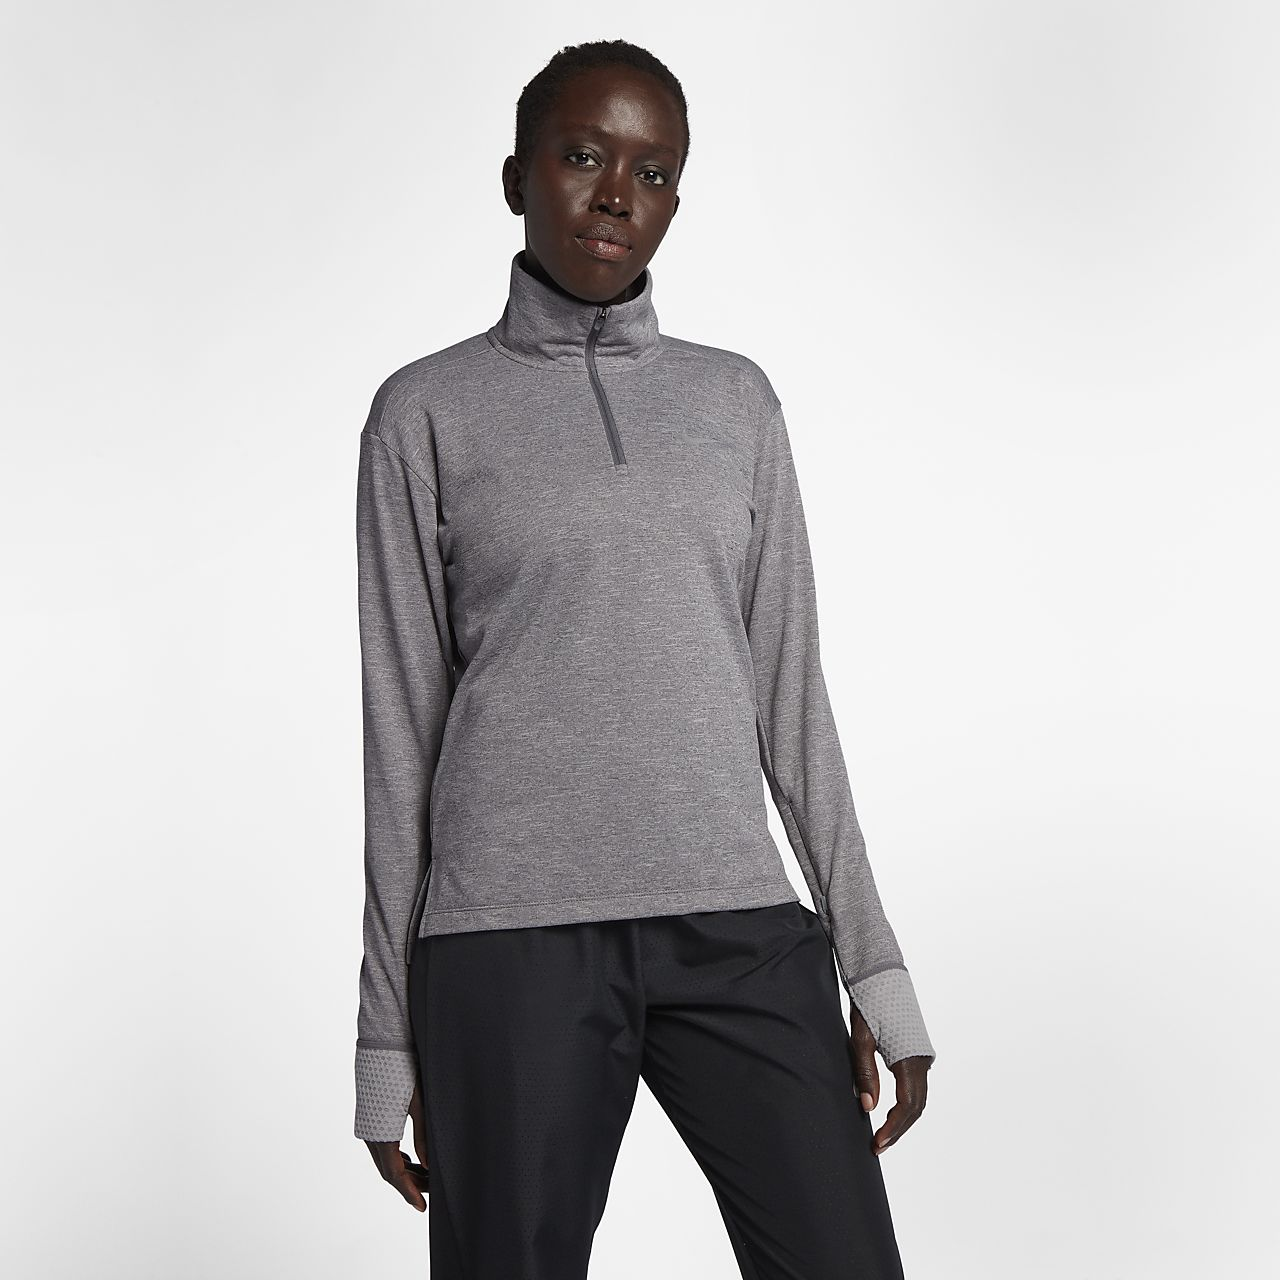 Nike Therma Sphere Women's Half Zip Running Top